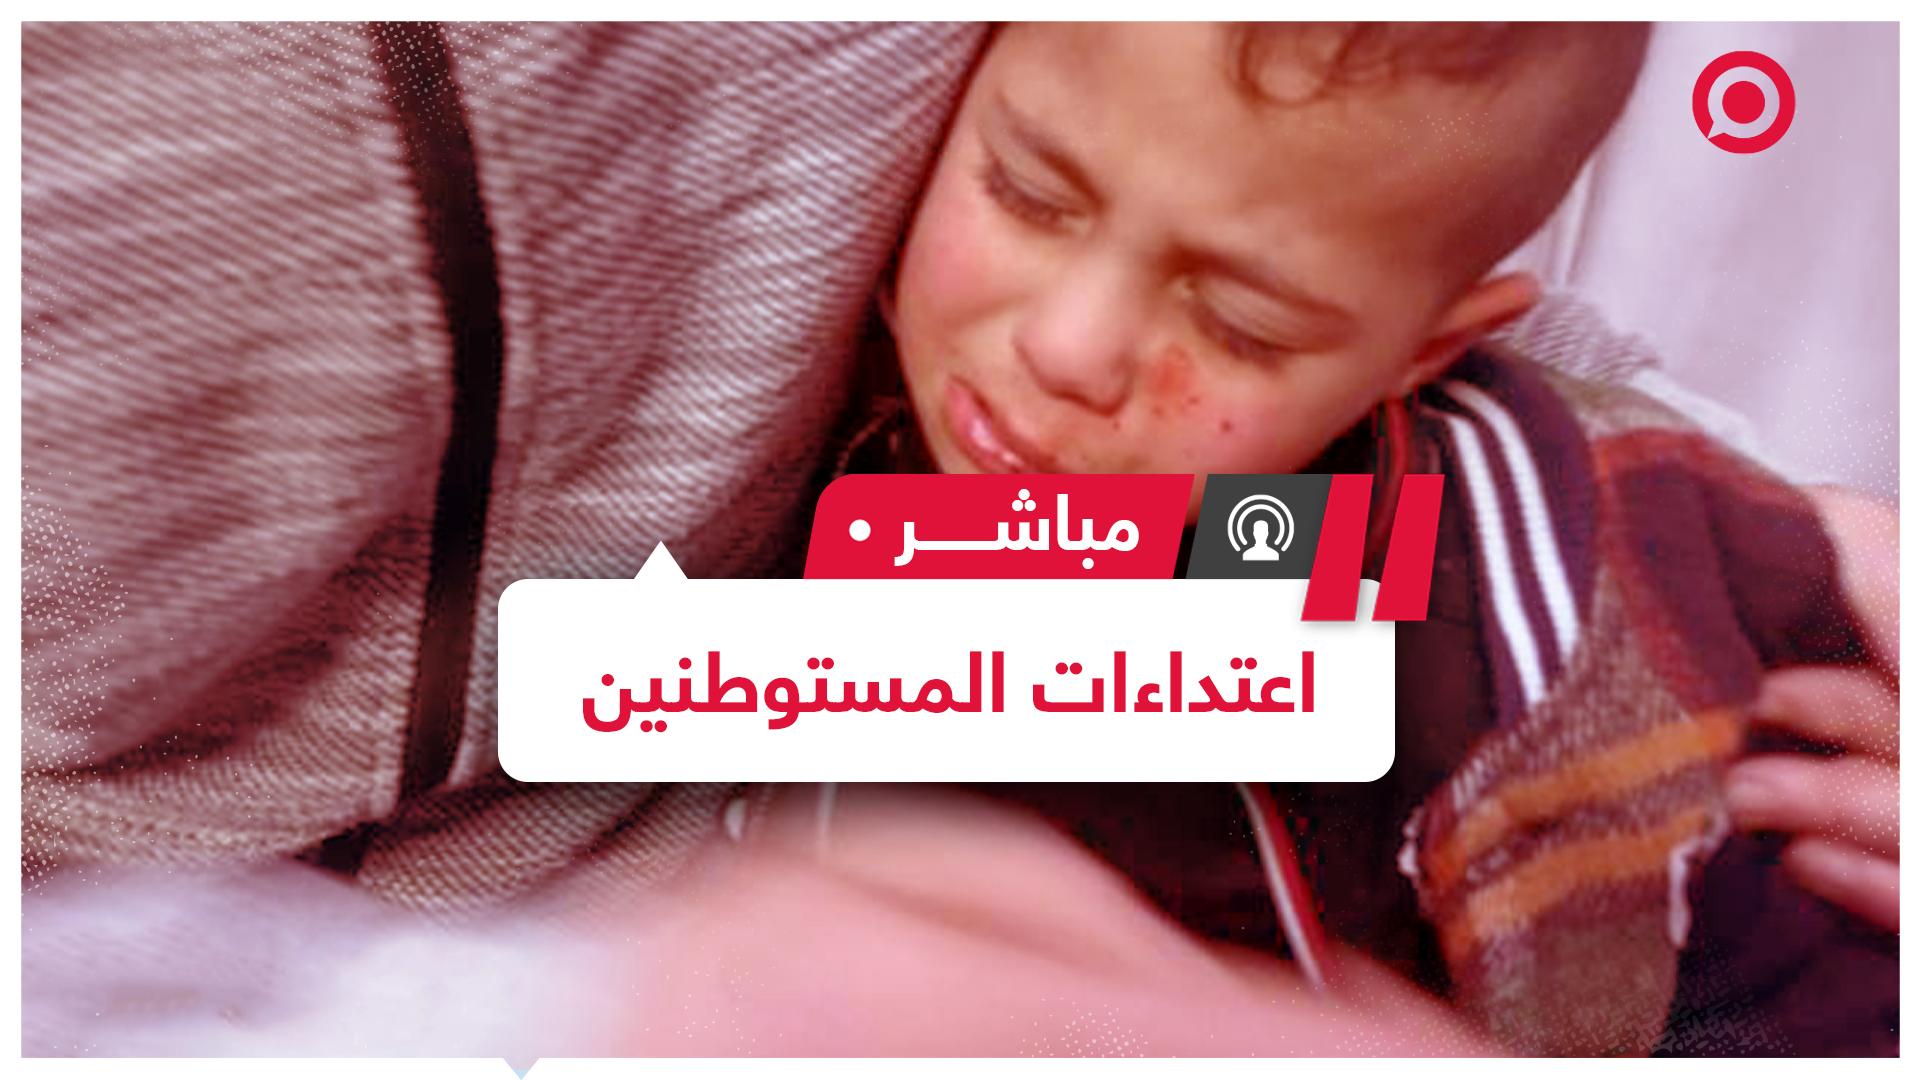 #طفل #فلسطين